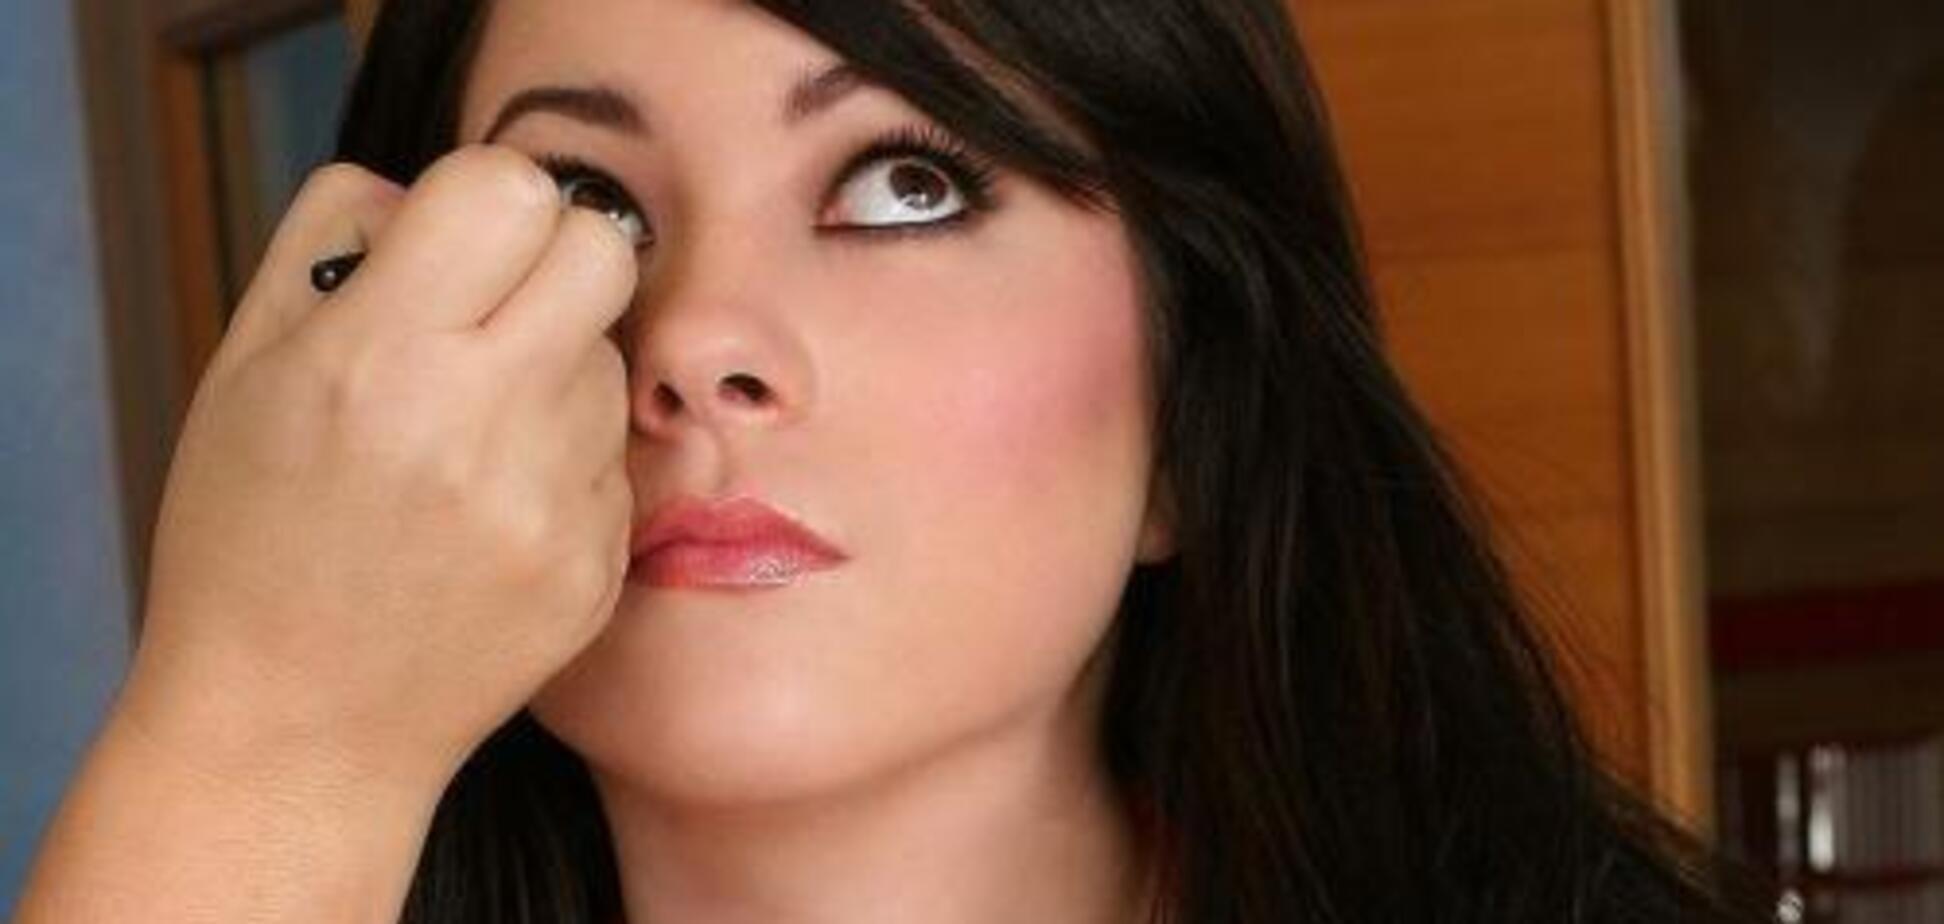 Дівчина благала: Подивись мені в очі ... ну подивися ж!